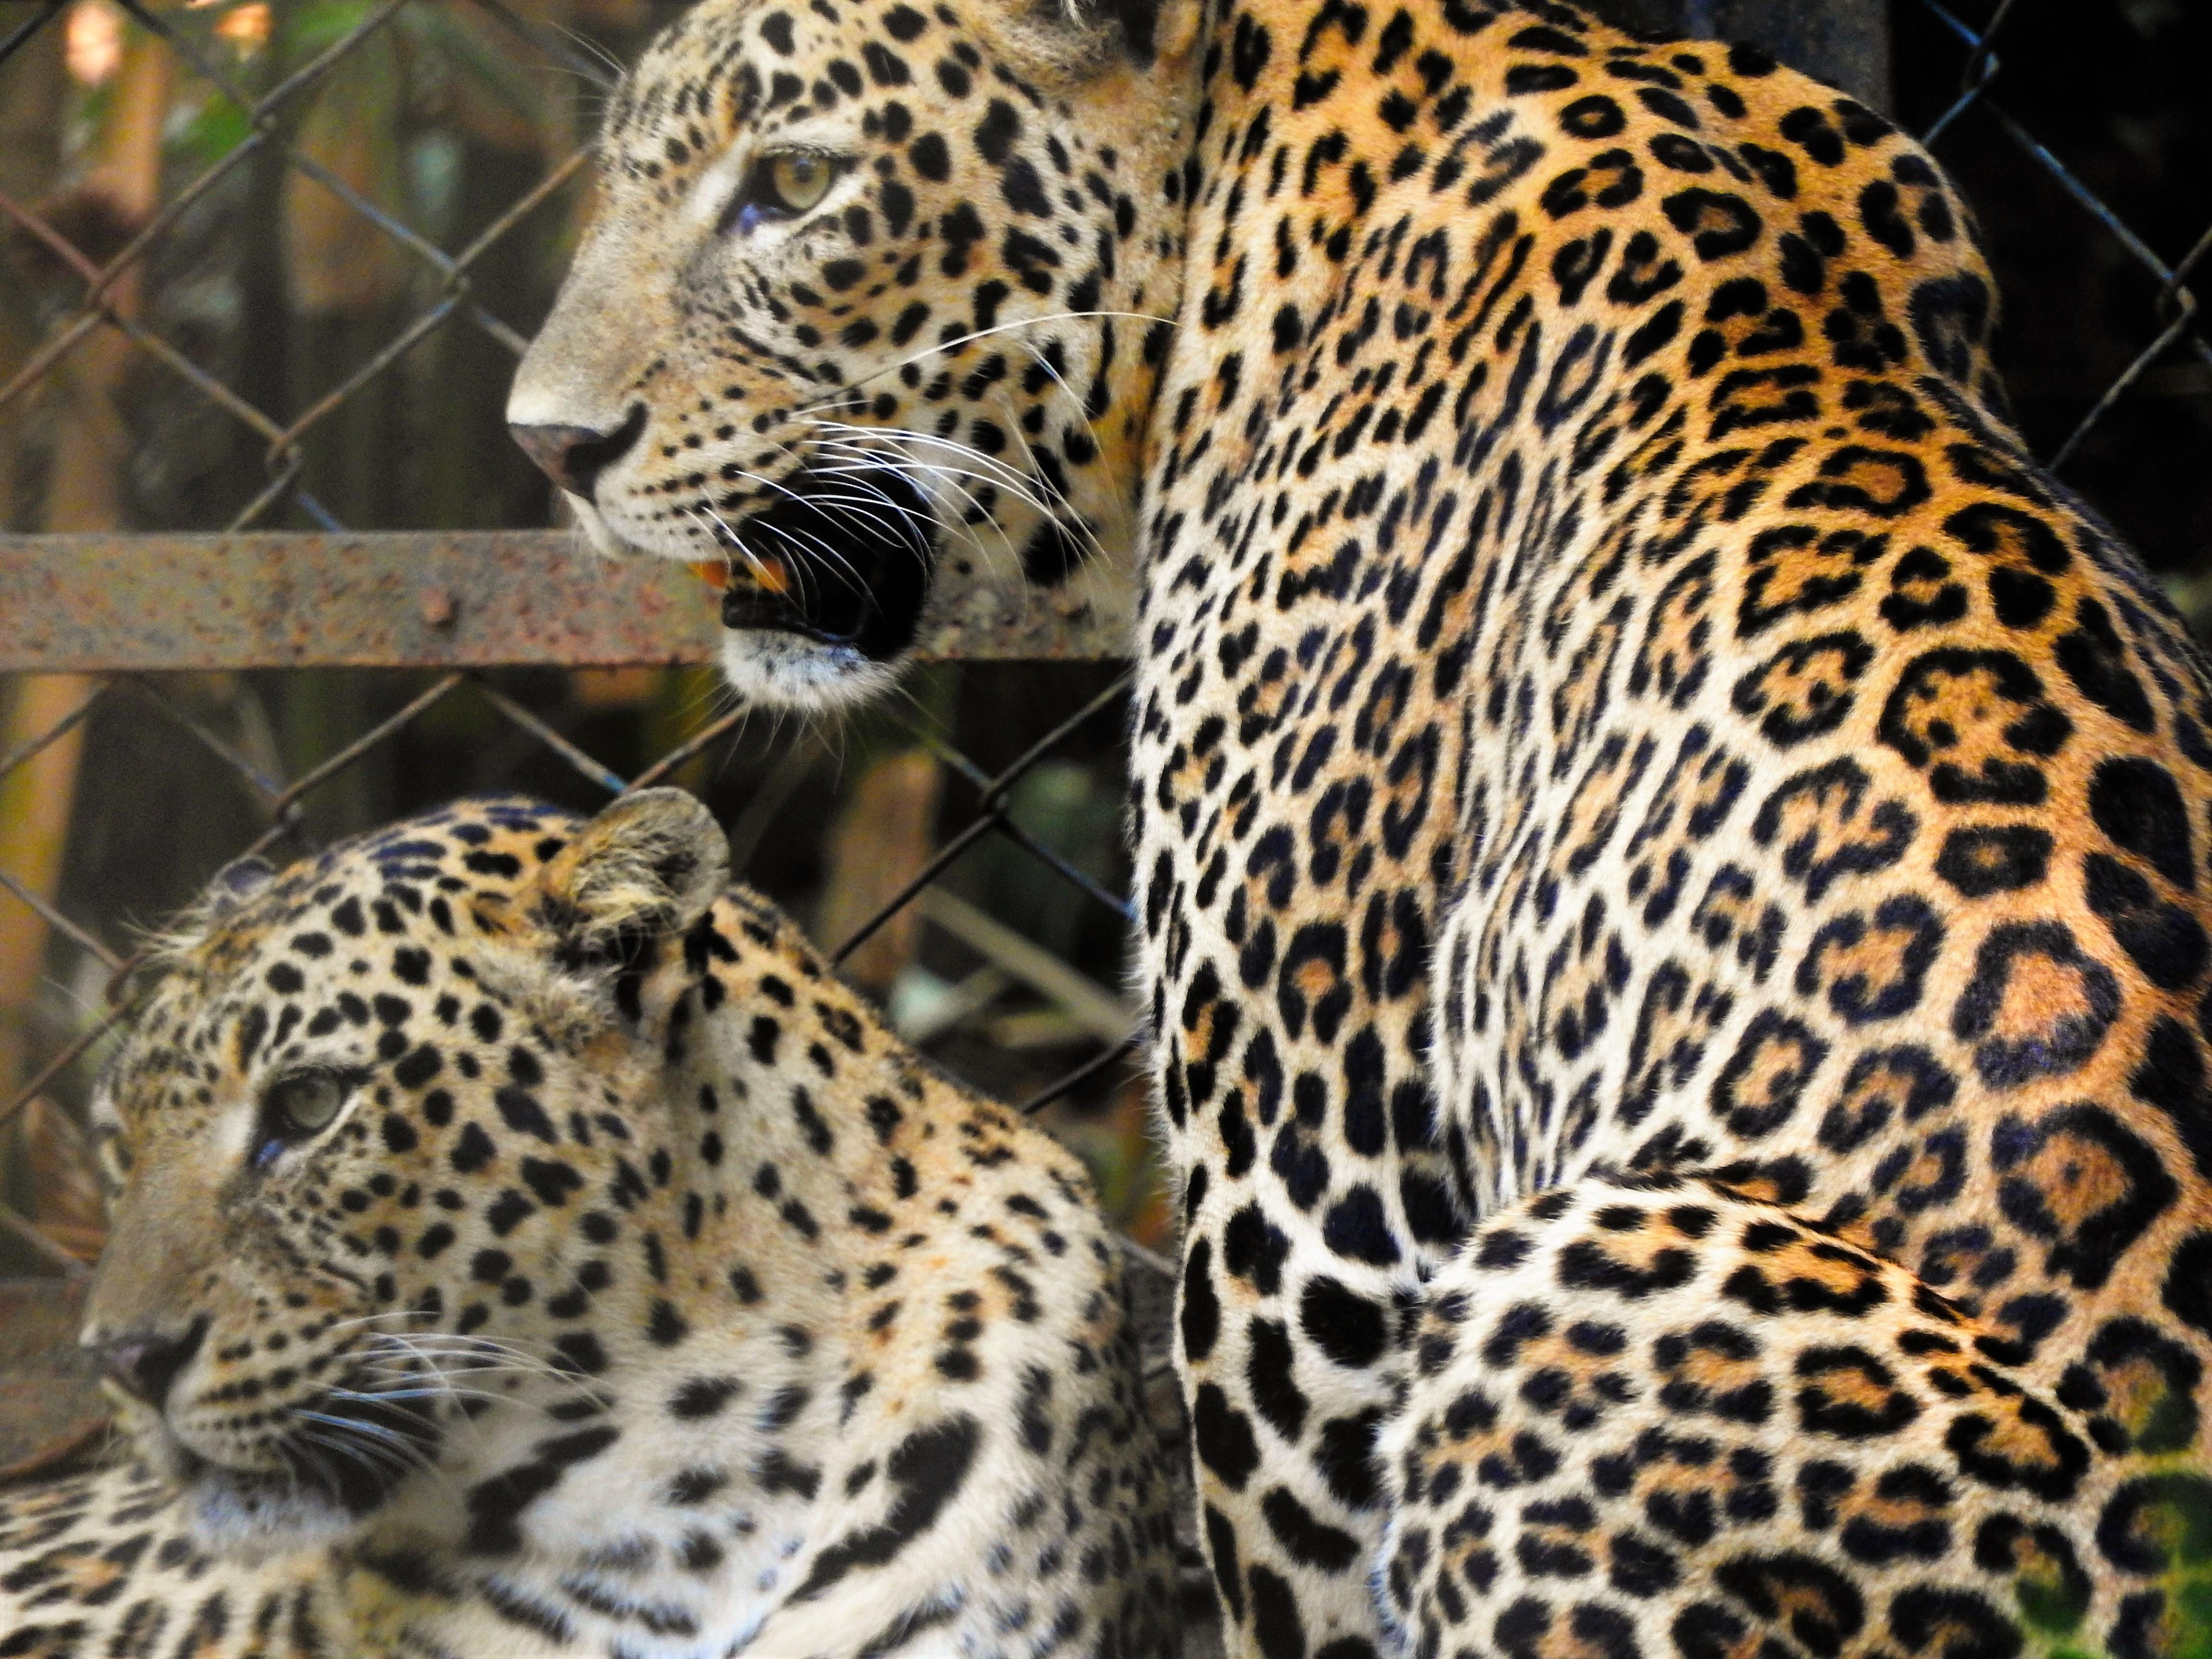 леопард животное фото чем отличается от ягуара парадной